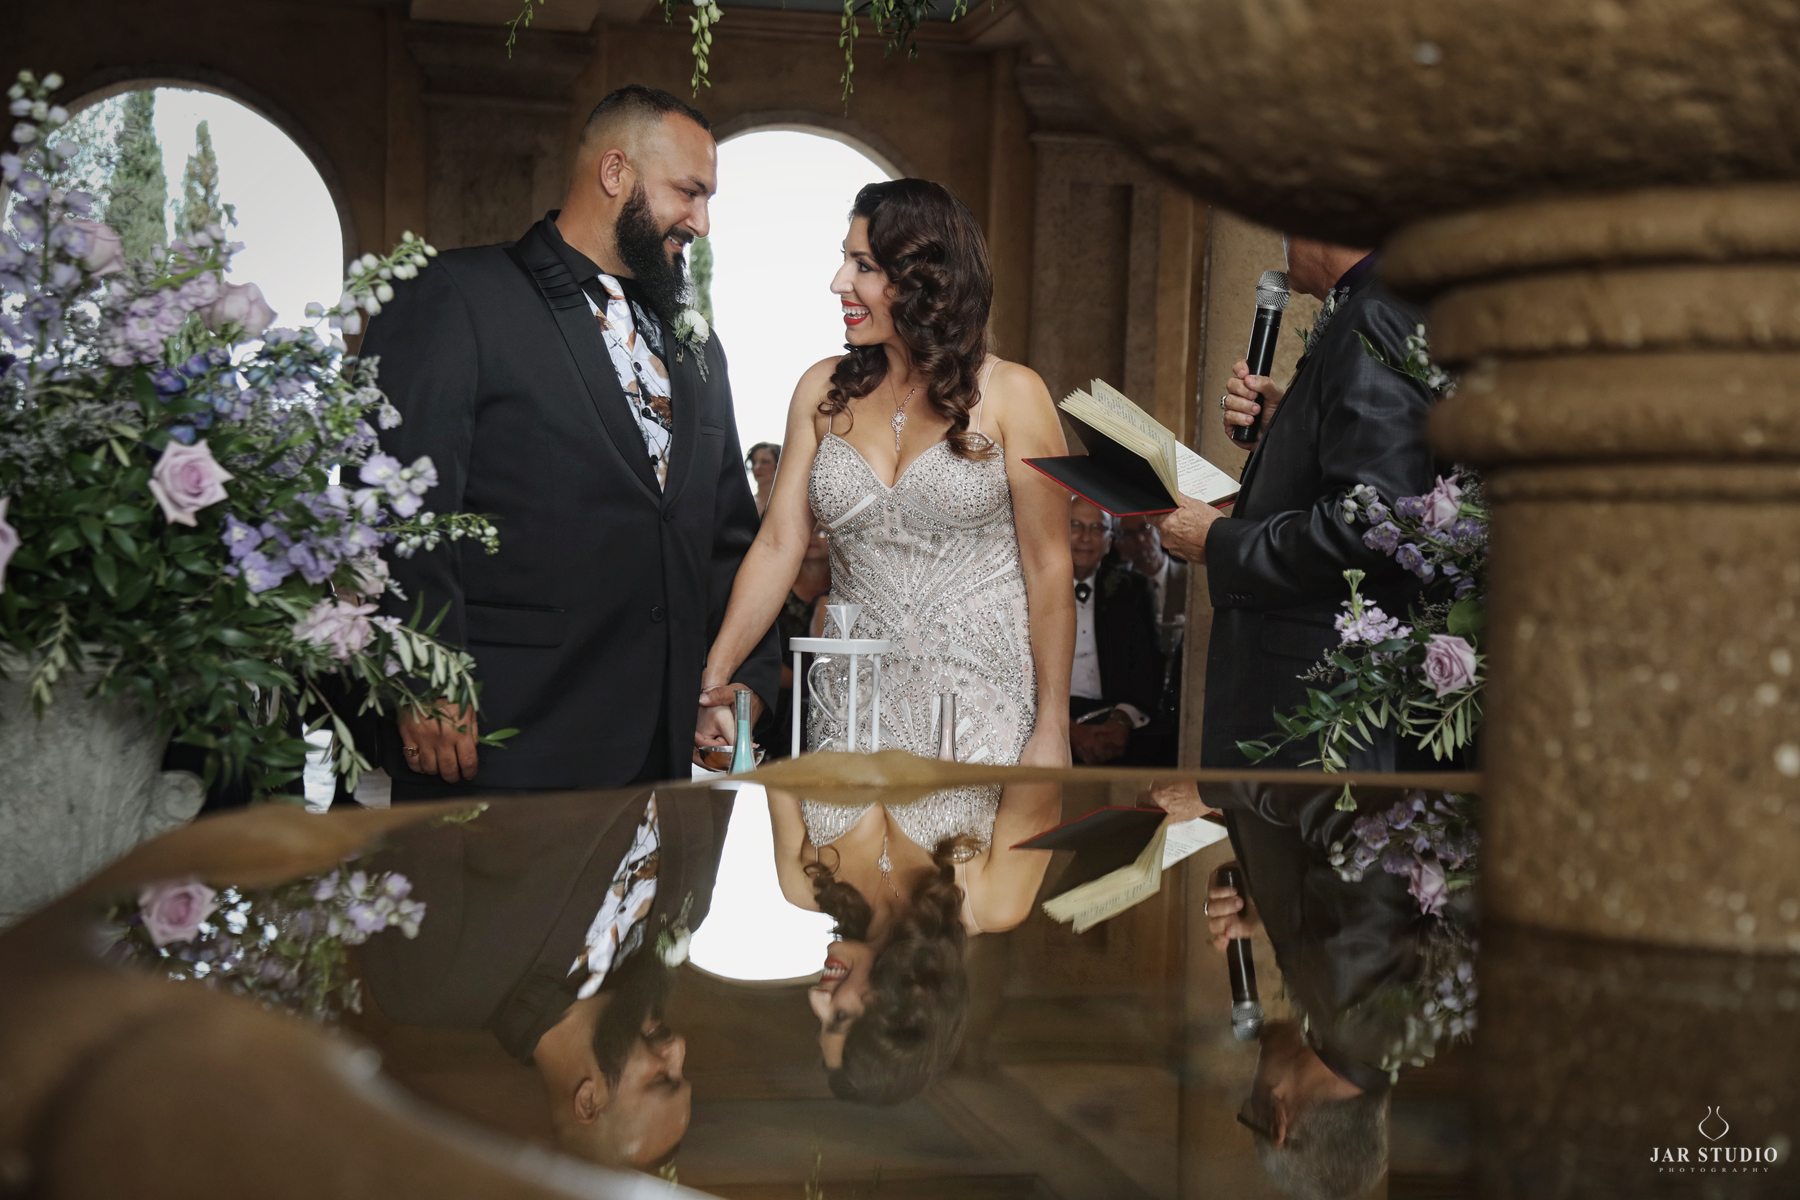 14-getting-married-water-beautiful-ceremony-jarstudio.jpg